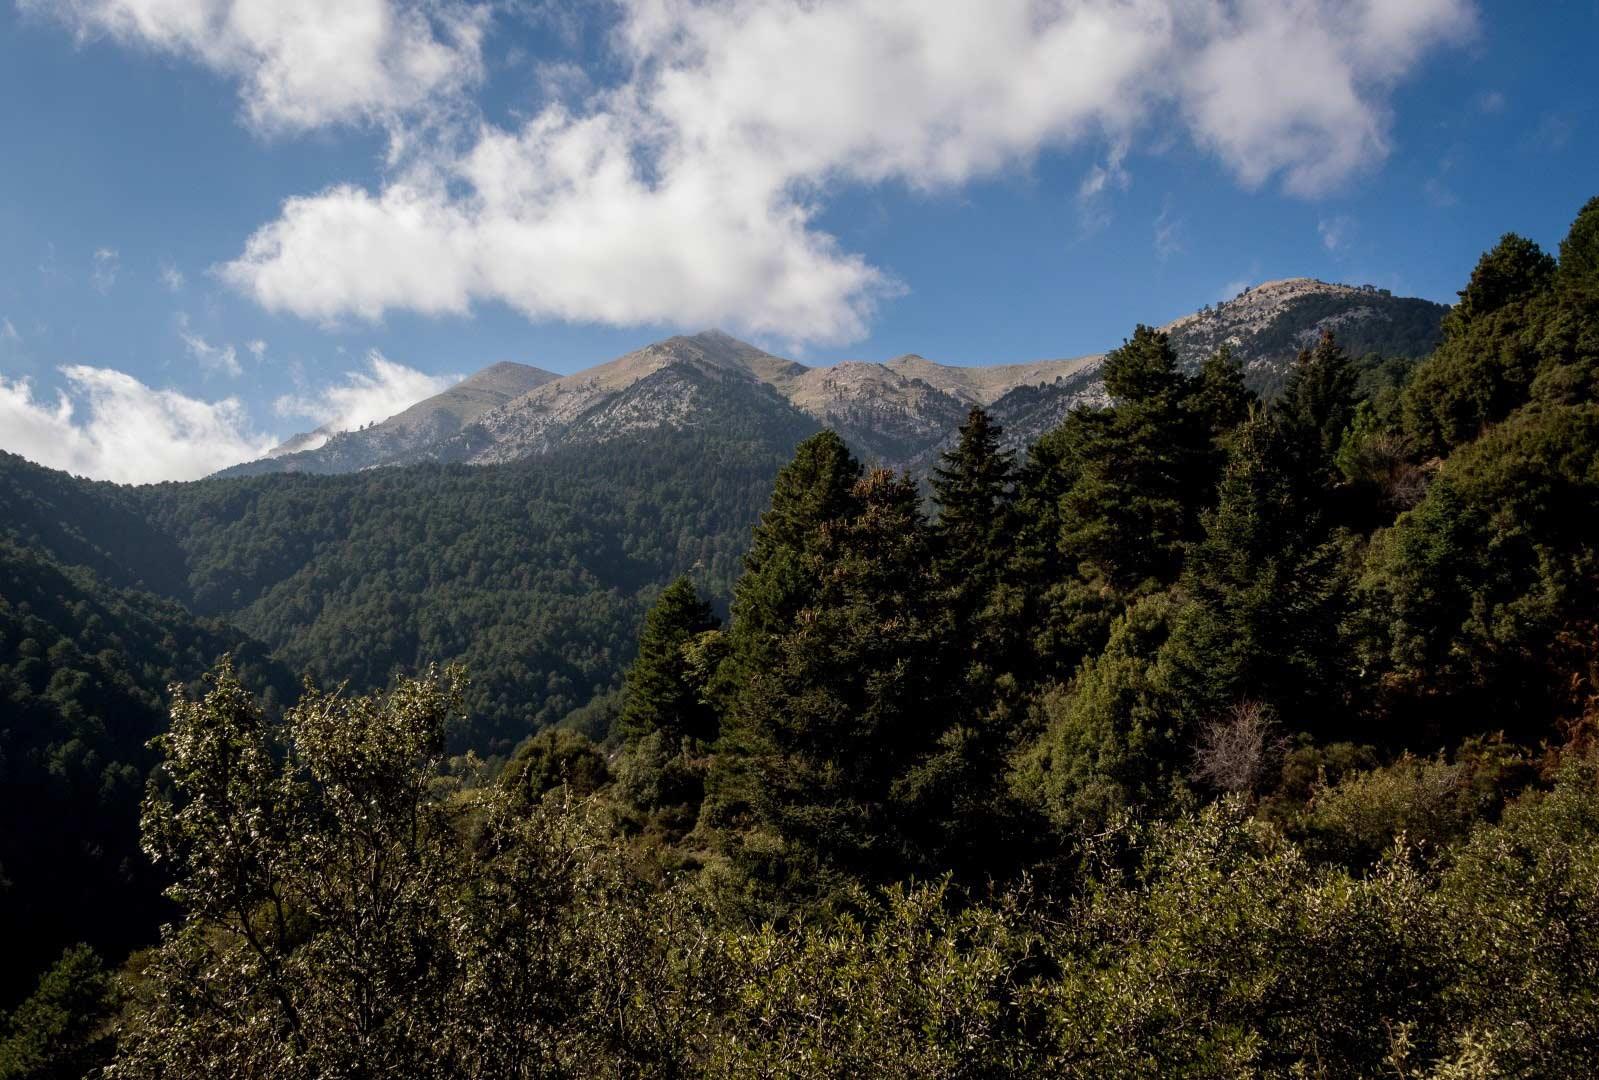 Day 8 : Allagonia - Kontovounia mountain walking tour - Alagonia km 15.